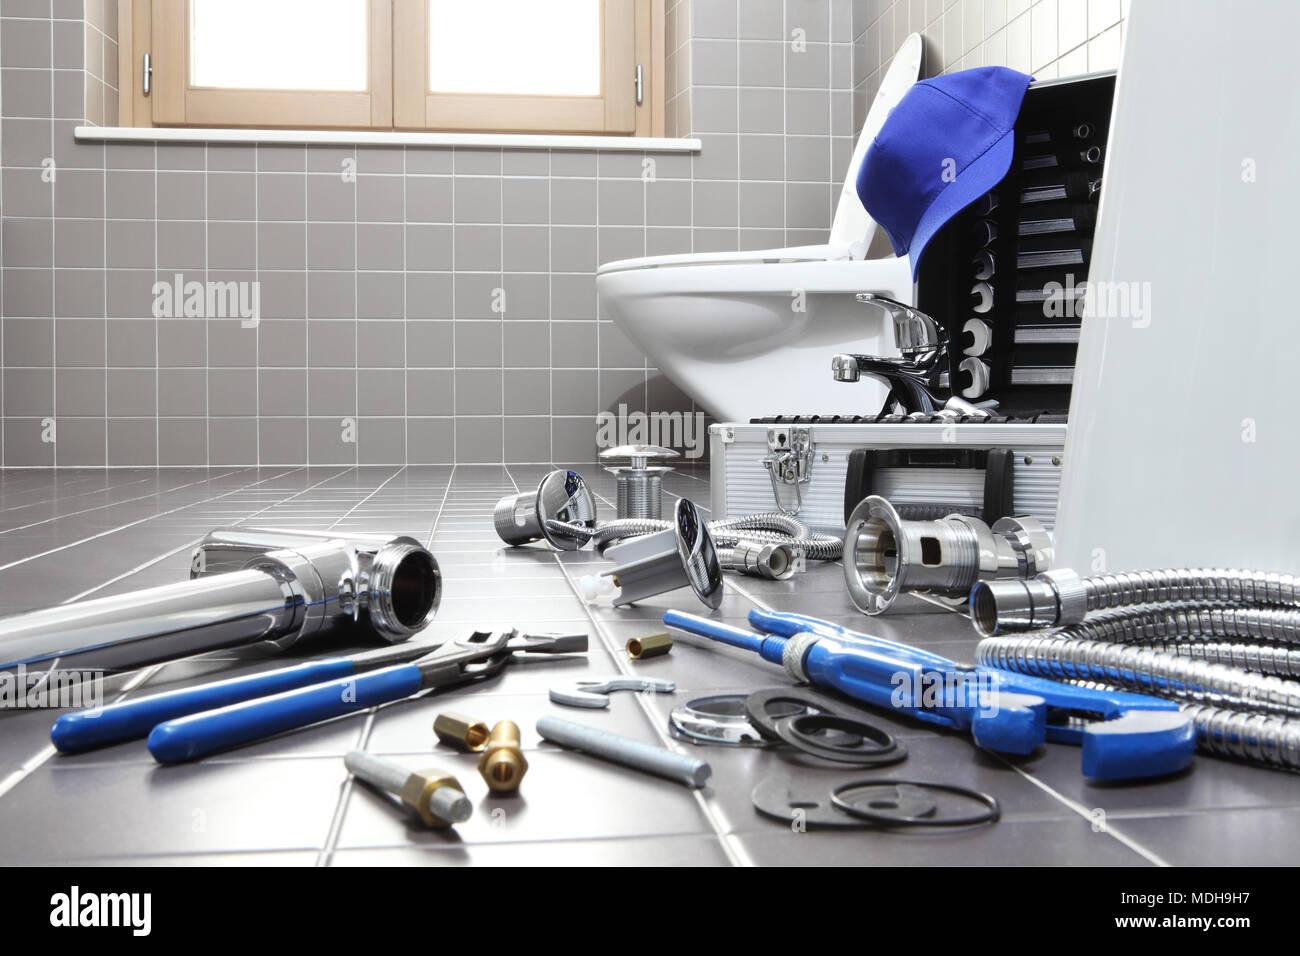 Klempner Werkzeuge und Geräte in einem Badezimmer, Sanitär Reparatur ...